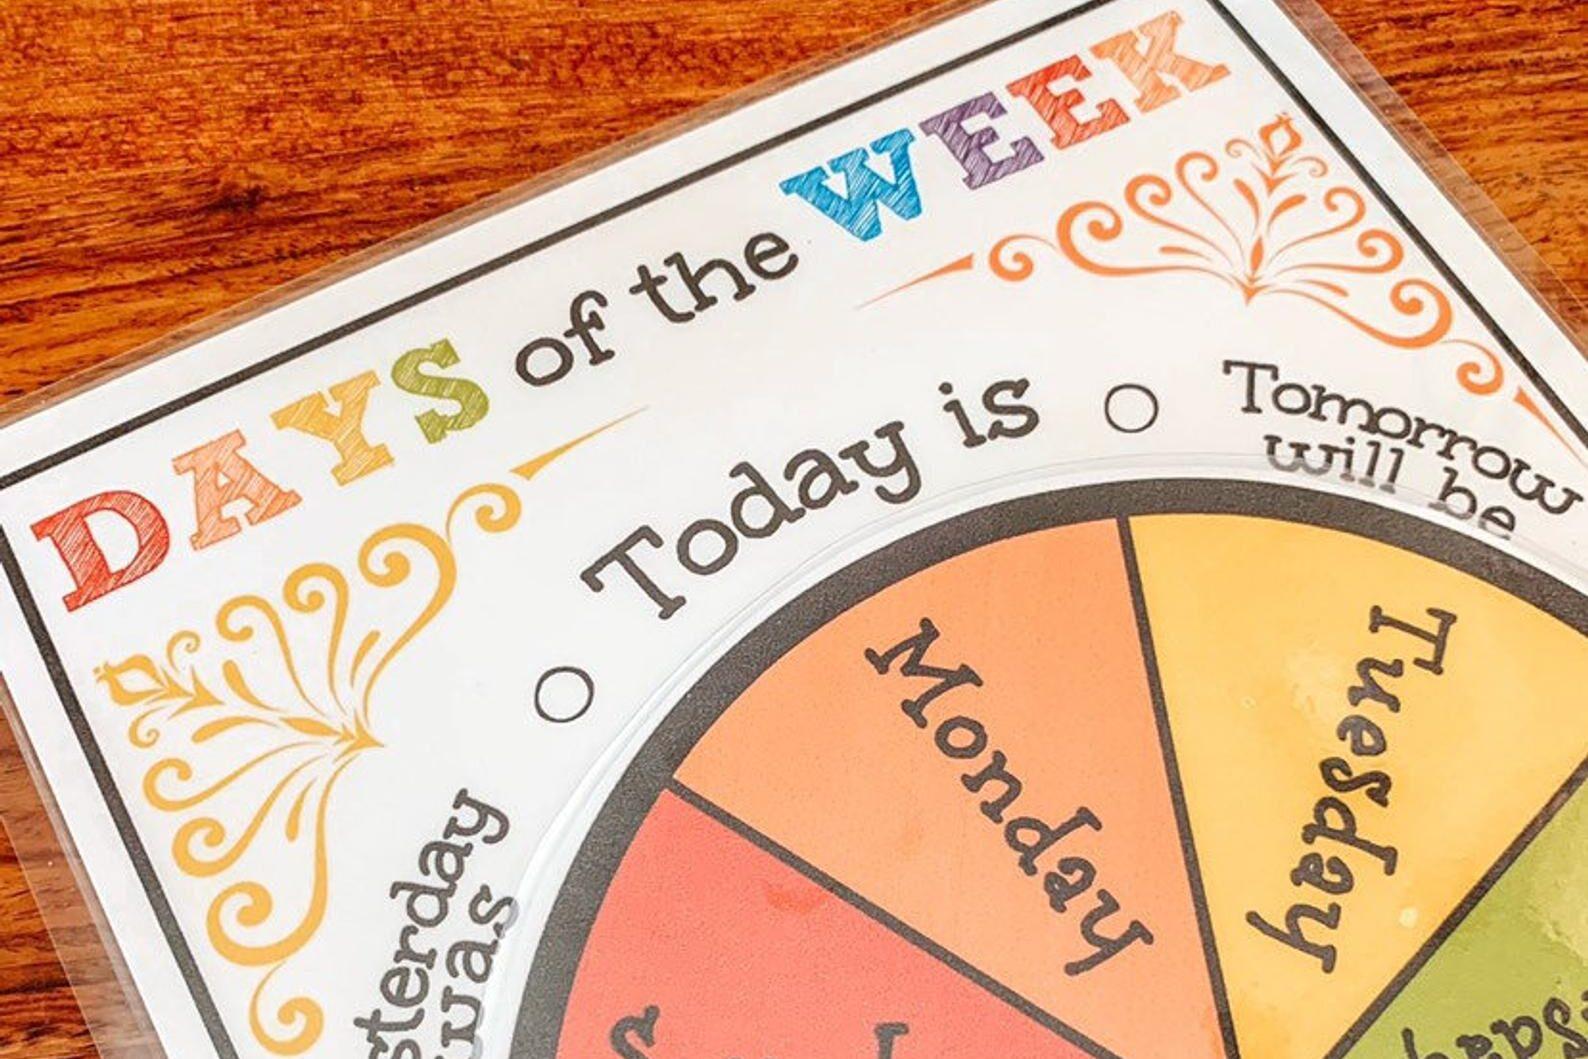 Day of the week printable preschool worksheets | The Dating Divas